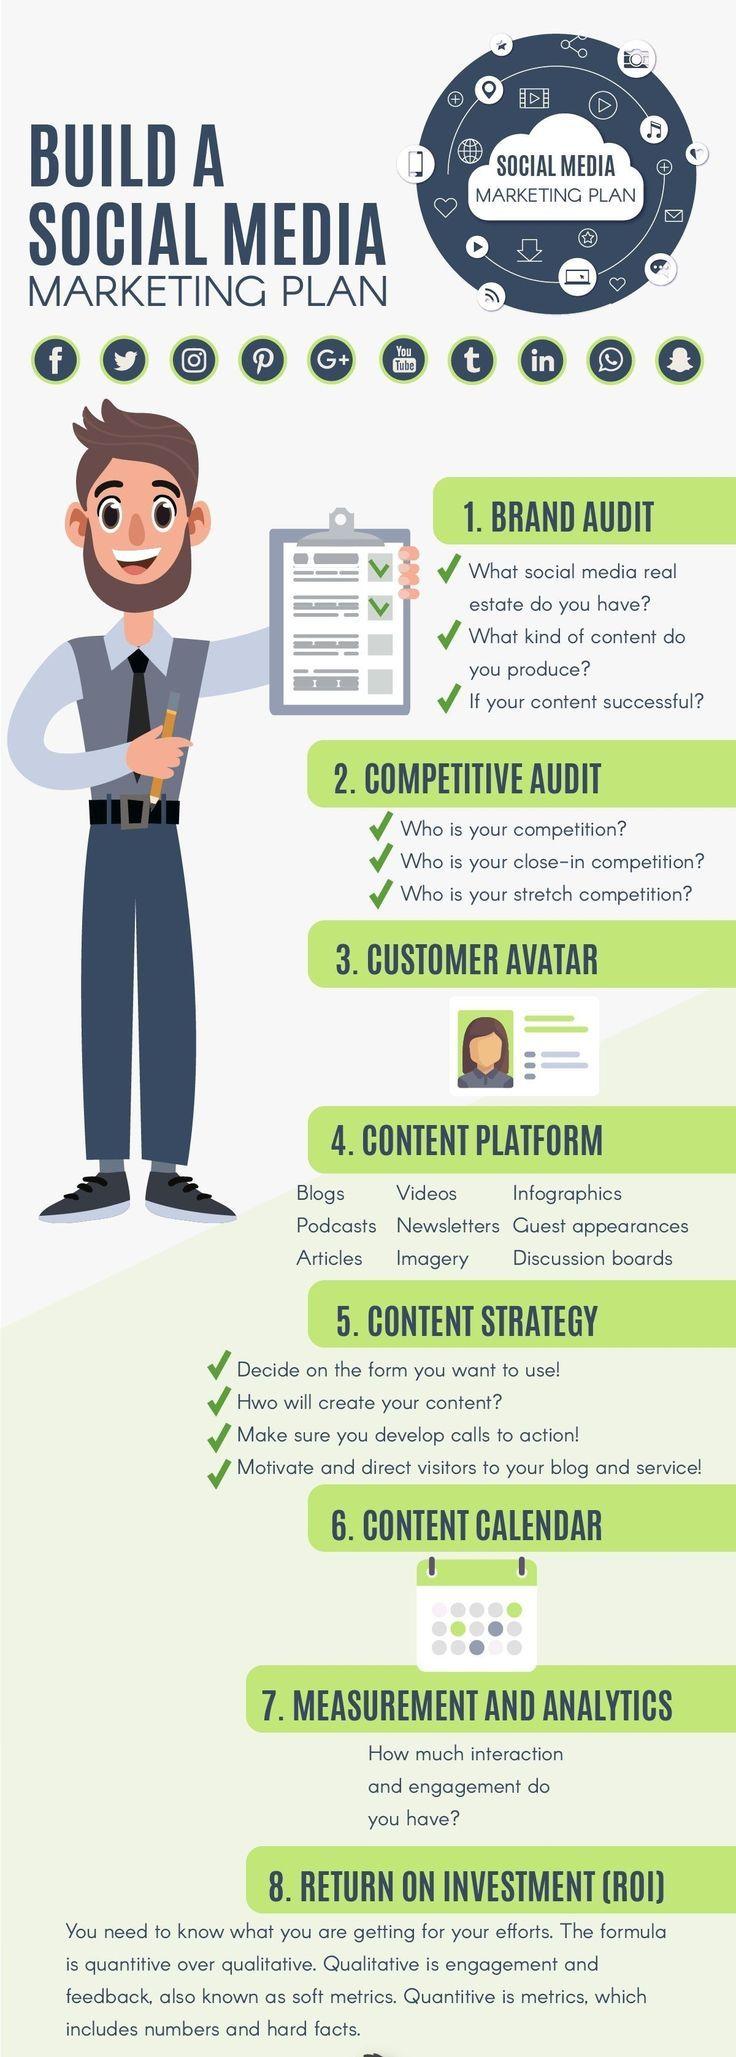 Build a social media marketing plan social media